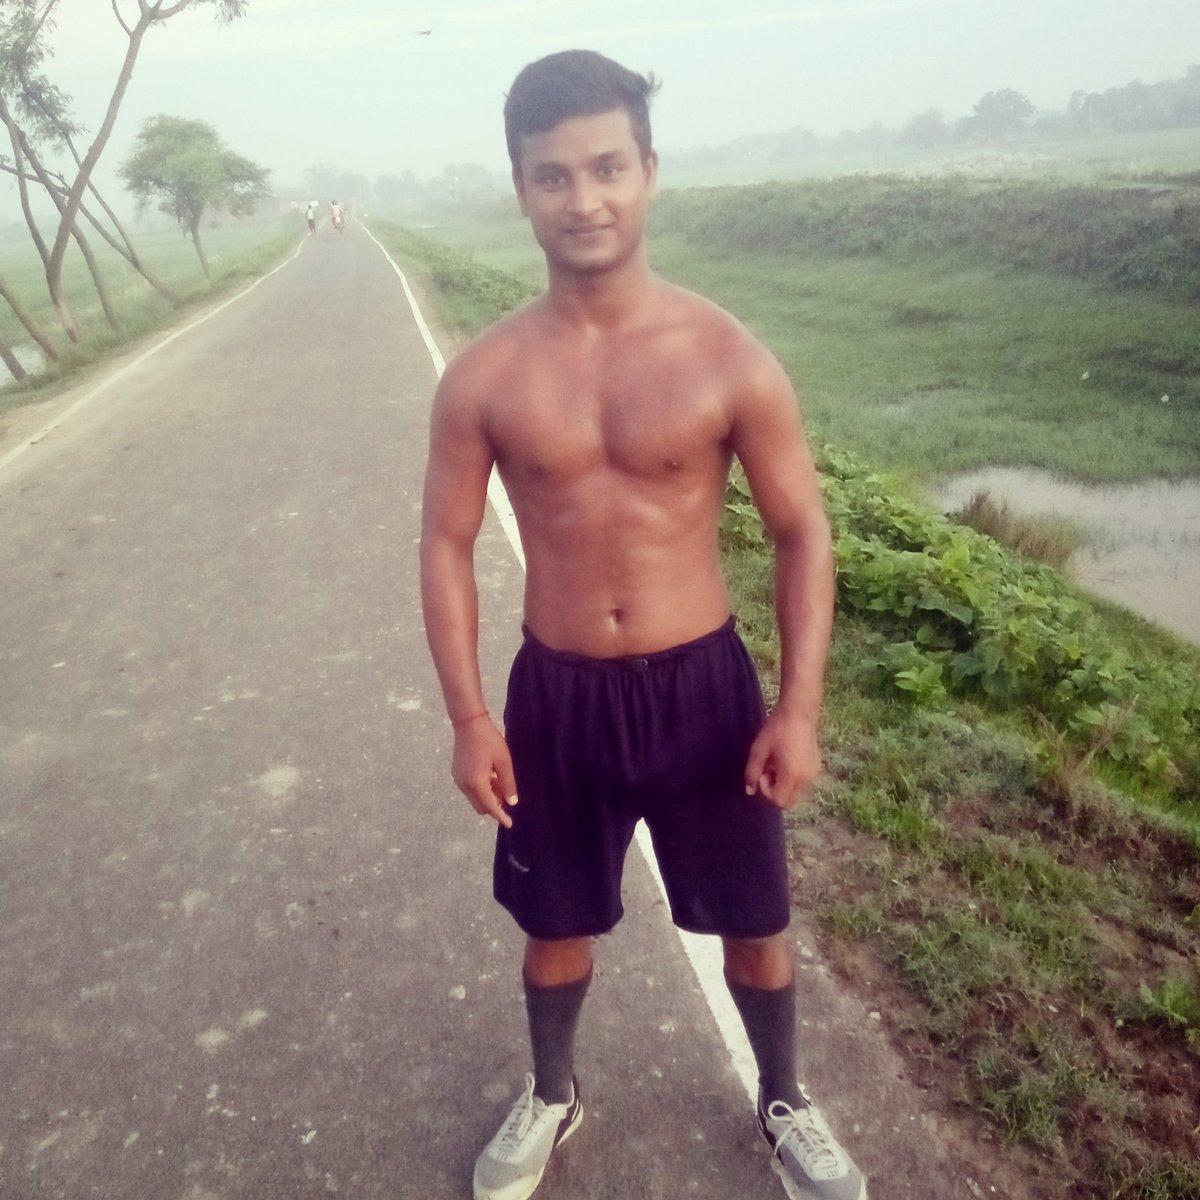 मेरा सपना है कि मैं एक बहुत अच्छा #Athlete बनु  पर कुछ बहुत बड़ी दिकत है @SonuSood sir please help me🙏🙏 #sonusoodpleasehelpmesir🙏🙏 https://t.co/qlFVD44zue